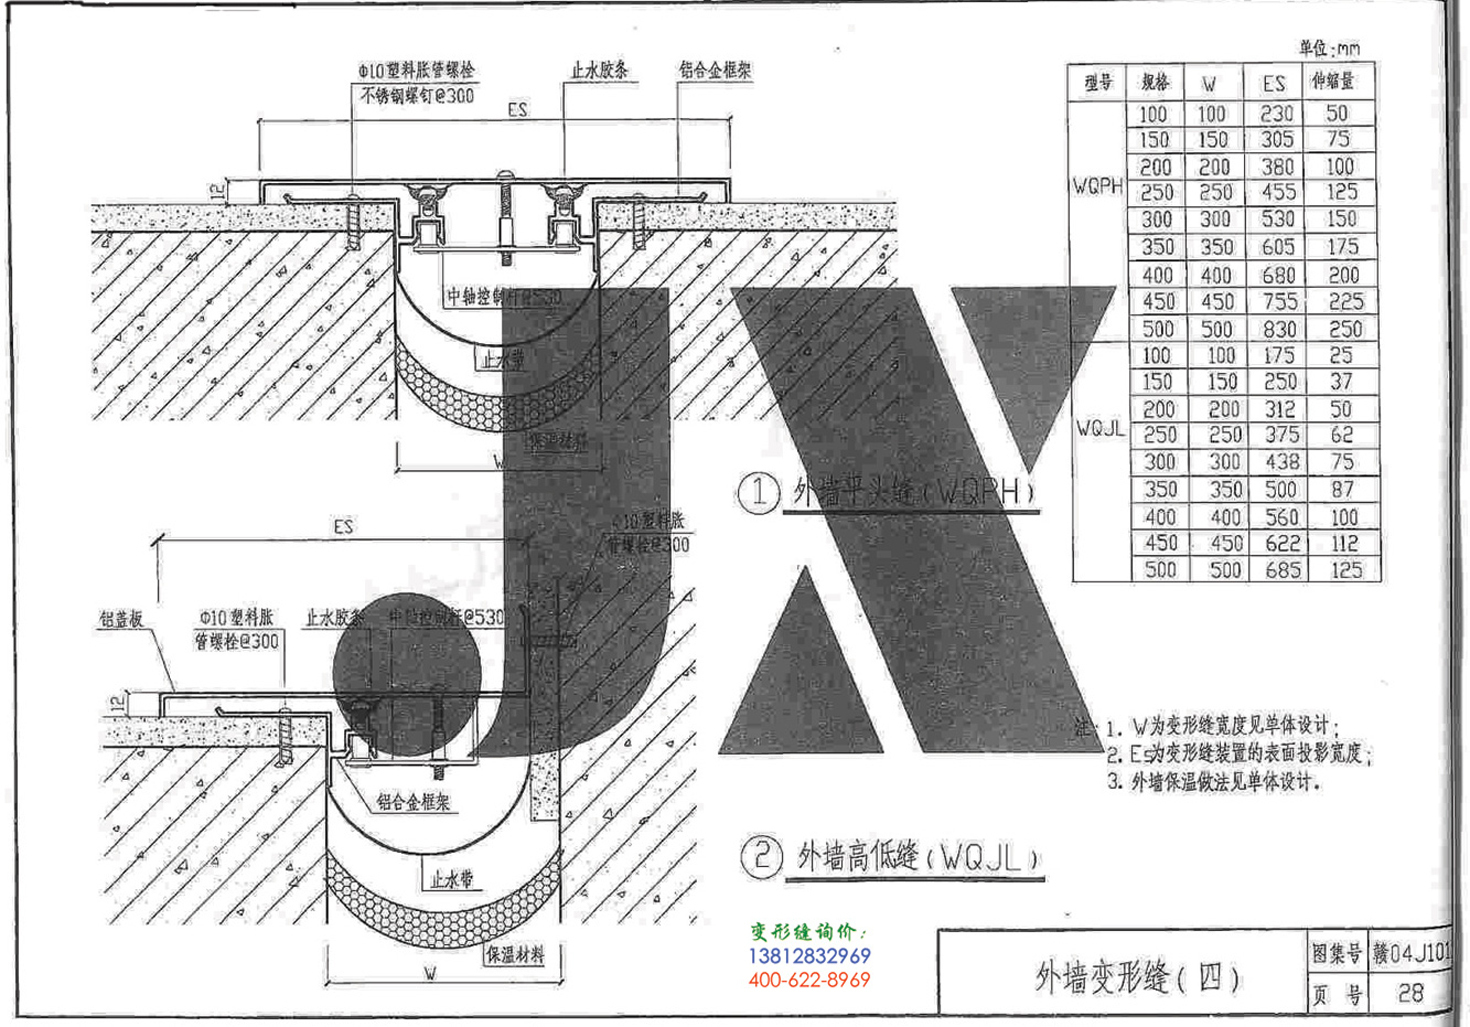 赣04J101变形缝图集p28